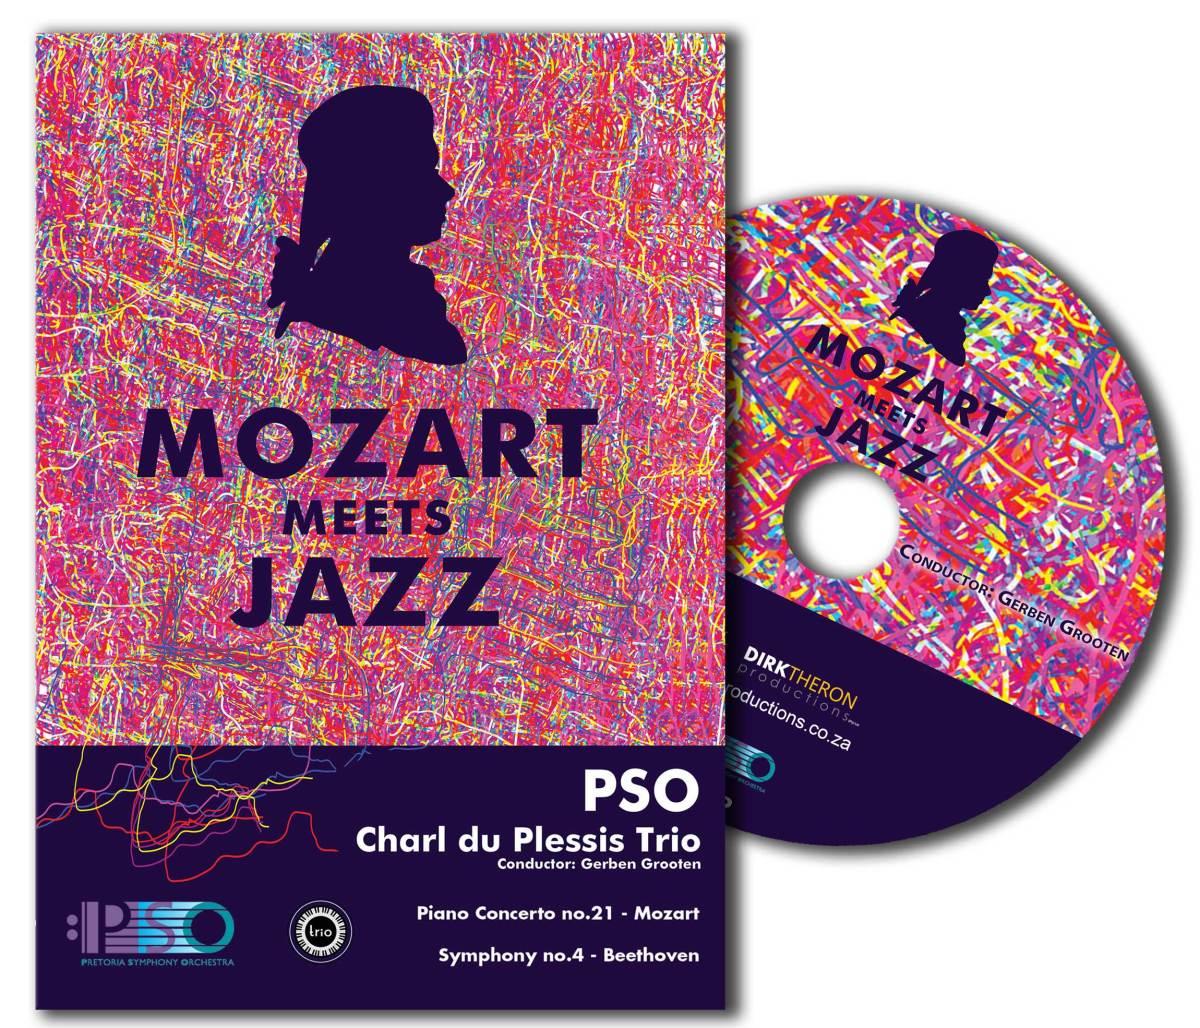 Mozart meets Jazz